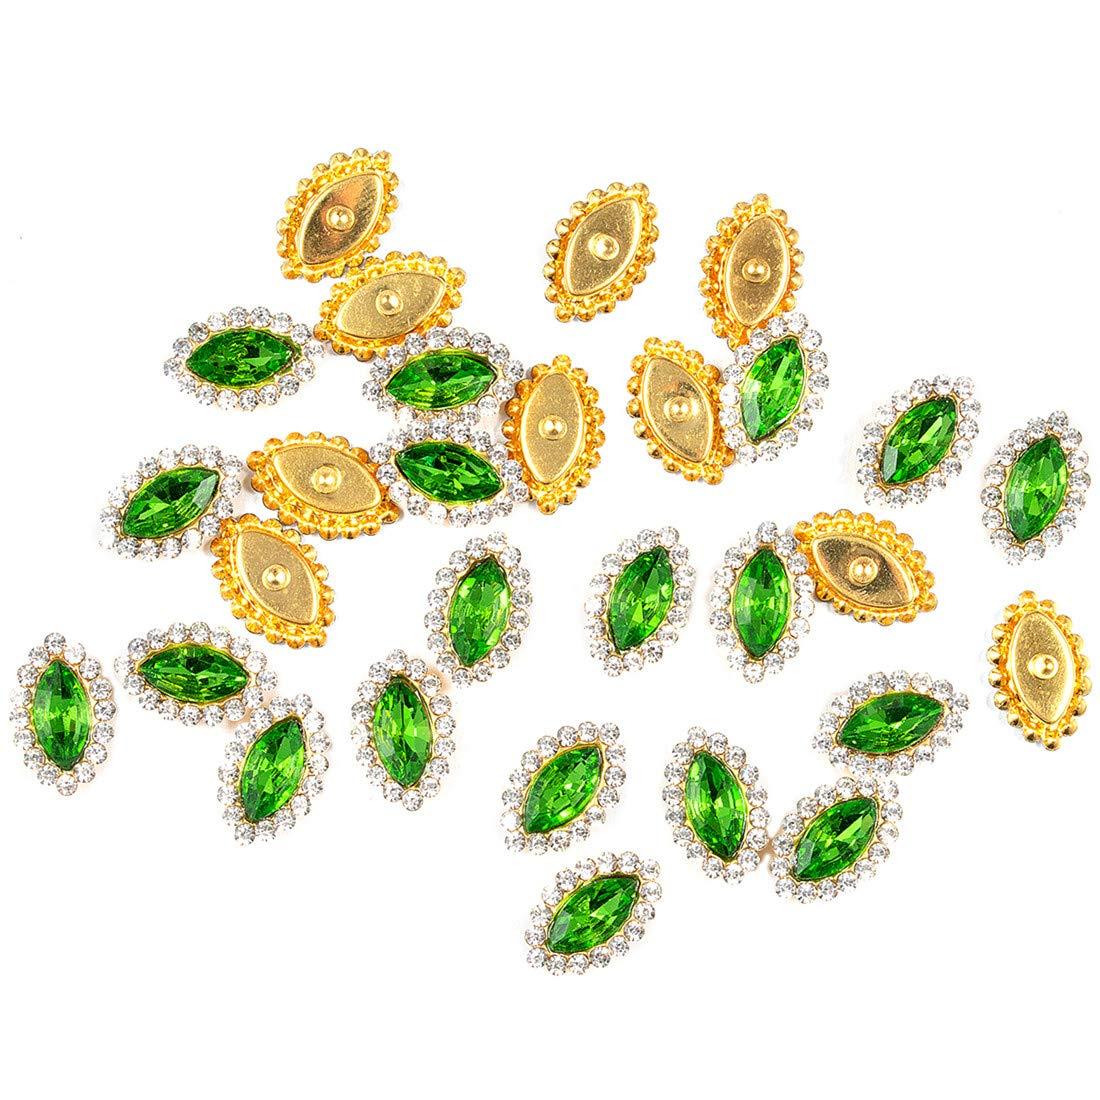 115個 クリスタルラインストーン 縫い付け 明るいラインストーン フラットバックビーズボタン ダイヤモンド付き DIY クラフト 衣類 衣類 バッグ 靴 ドレス ウェディングパーティー装飾用 (グリーン)   B07MGFK3RK